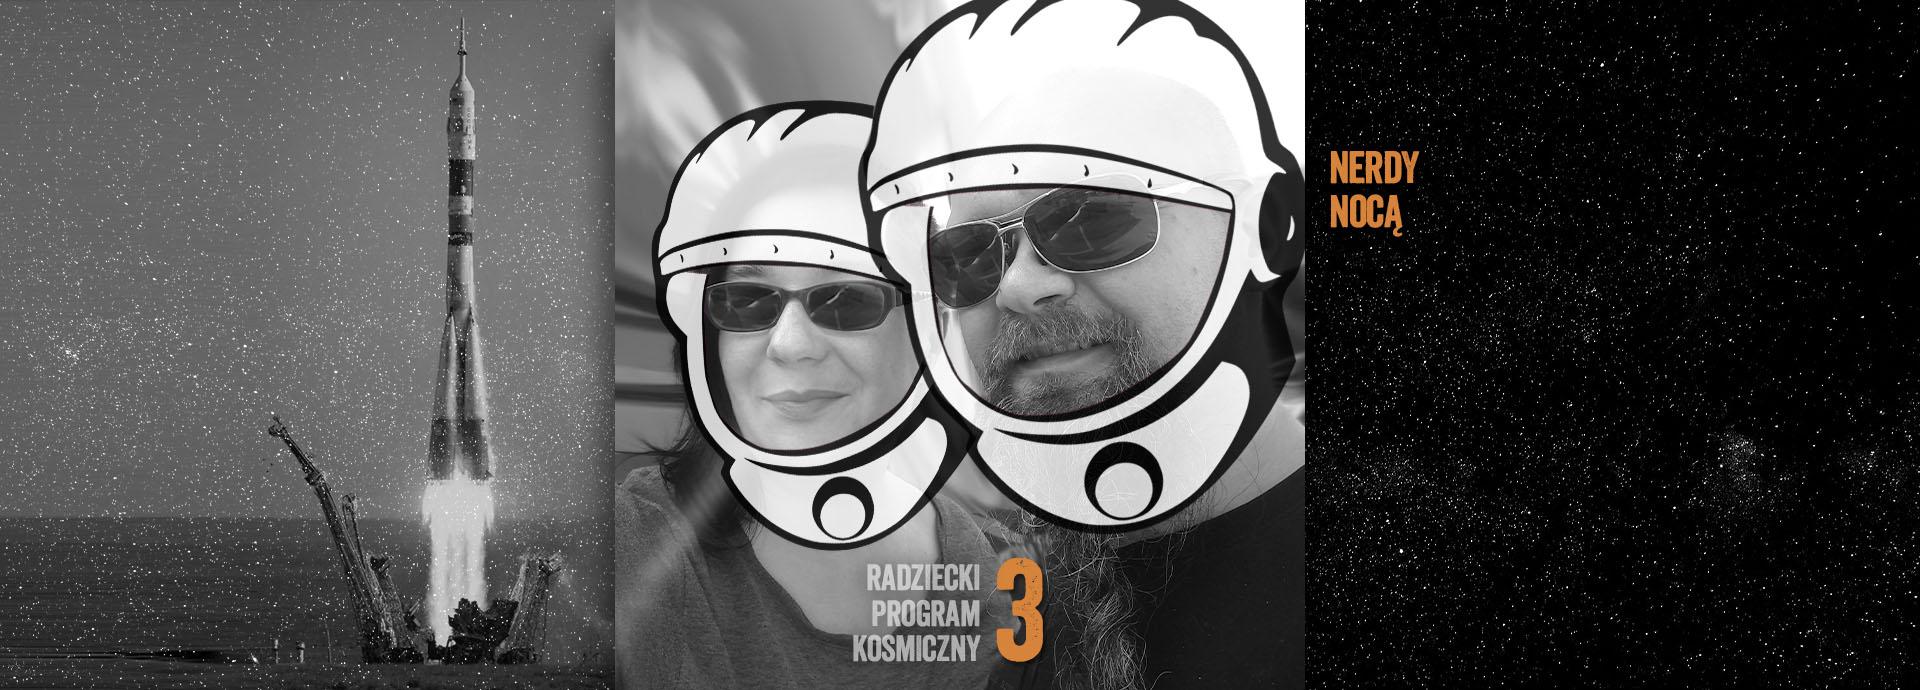 #066 Radziecki program kosmiczny 3. Wielkie projekty i wielka propaganda